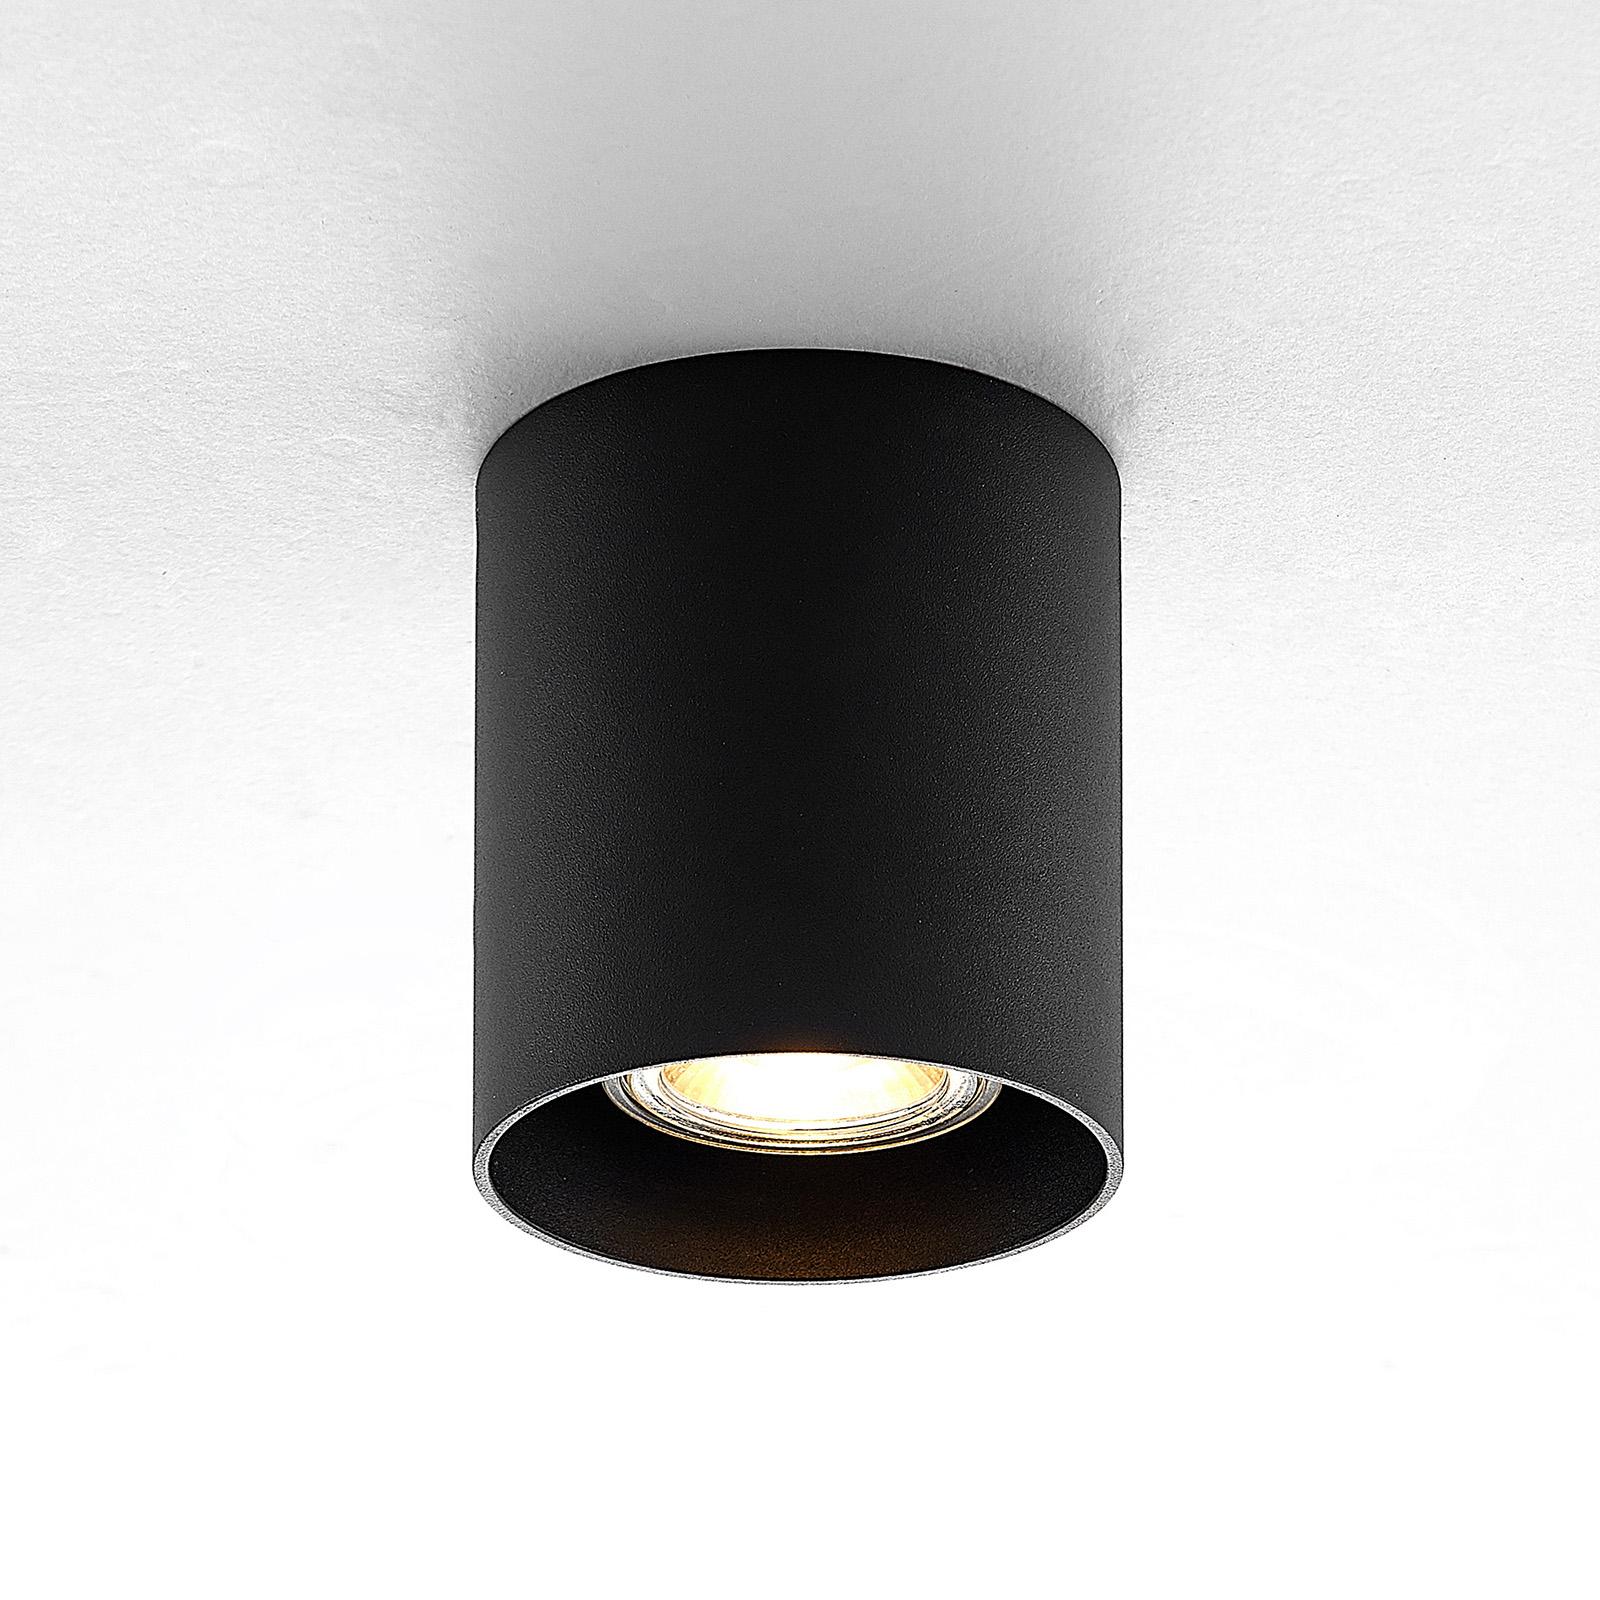 ELC Efey stropní světlo, GU10, kulaté, černé